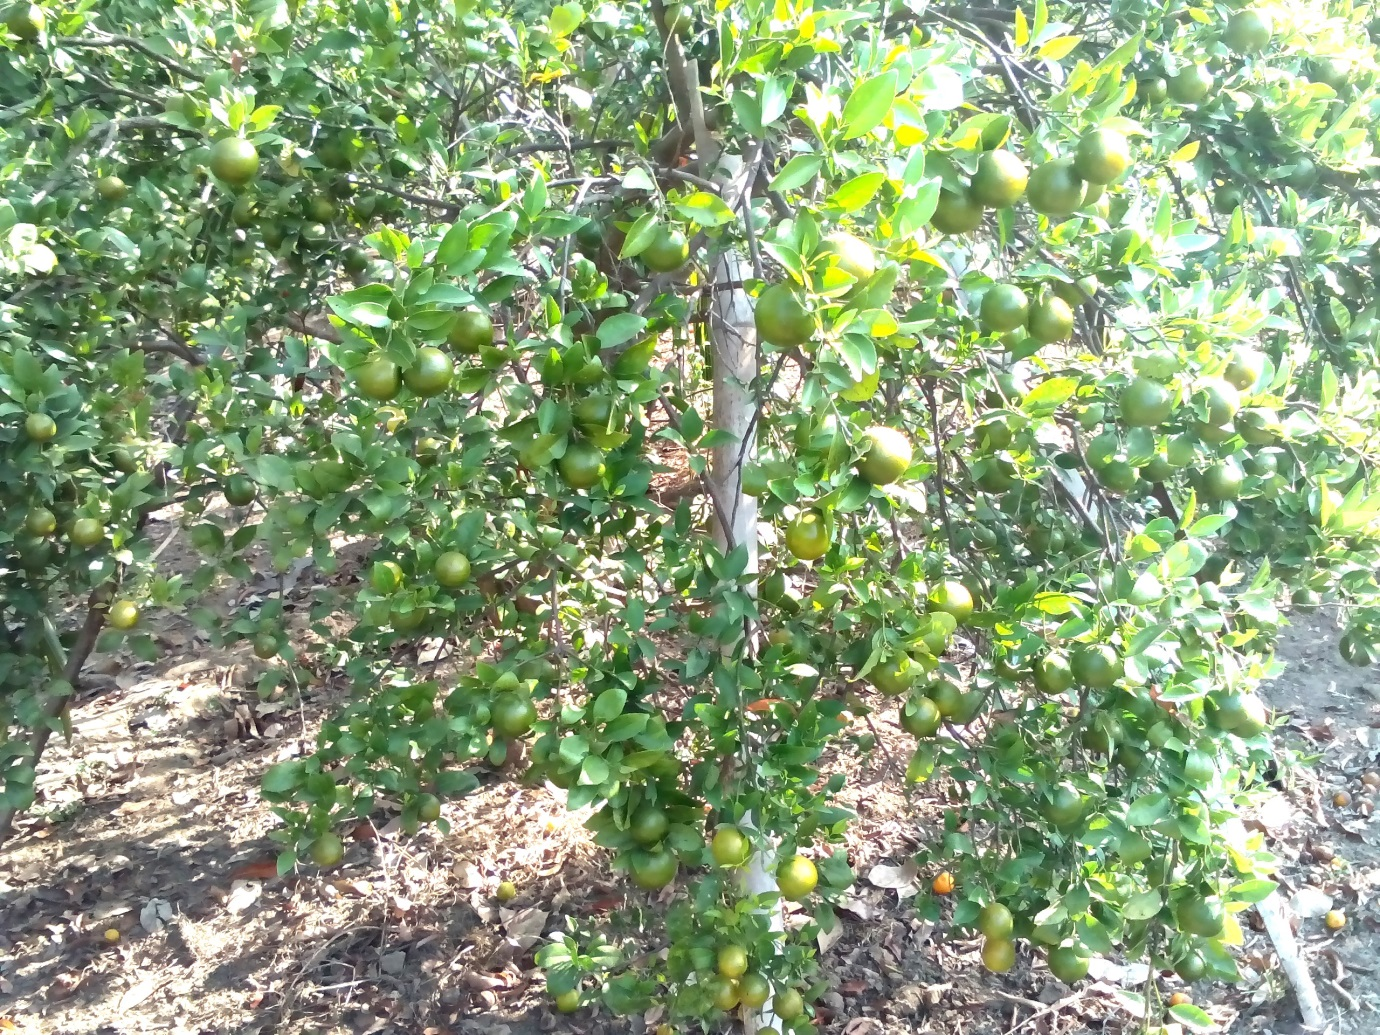 Pentingnya Belajar Dari Pengalaman Di Lapangan Dalam Usaha Pertanian